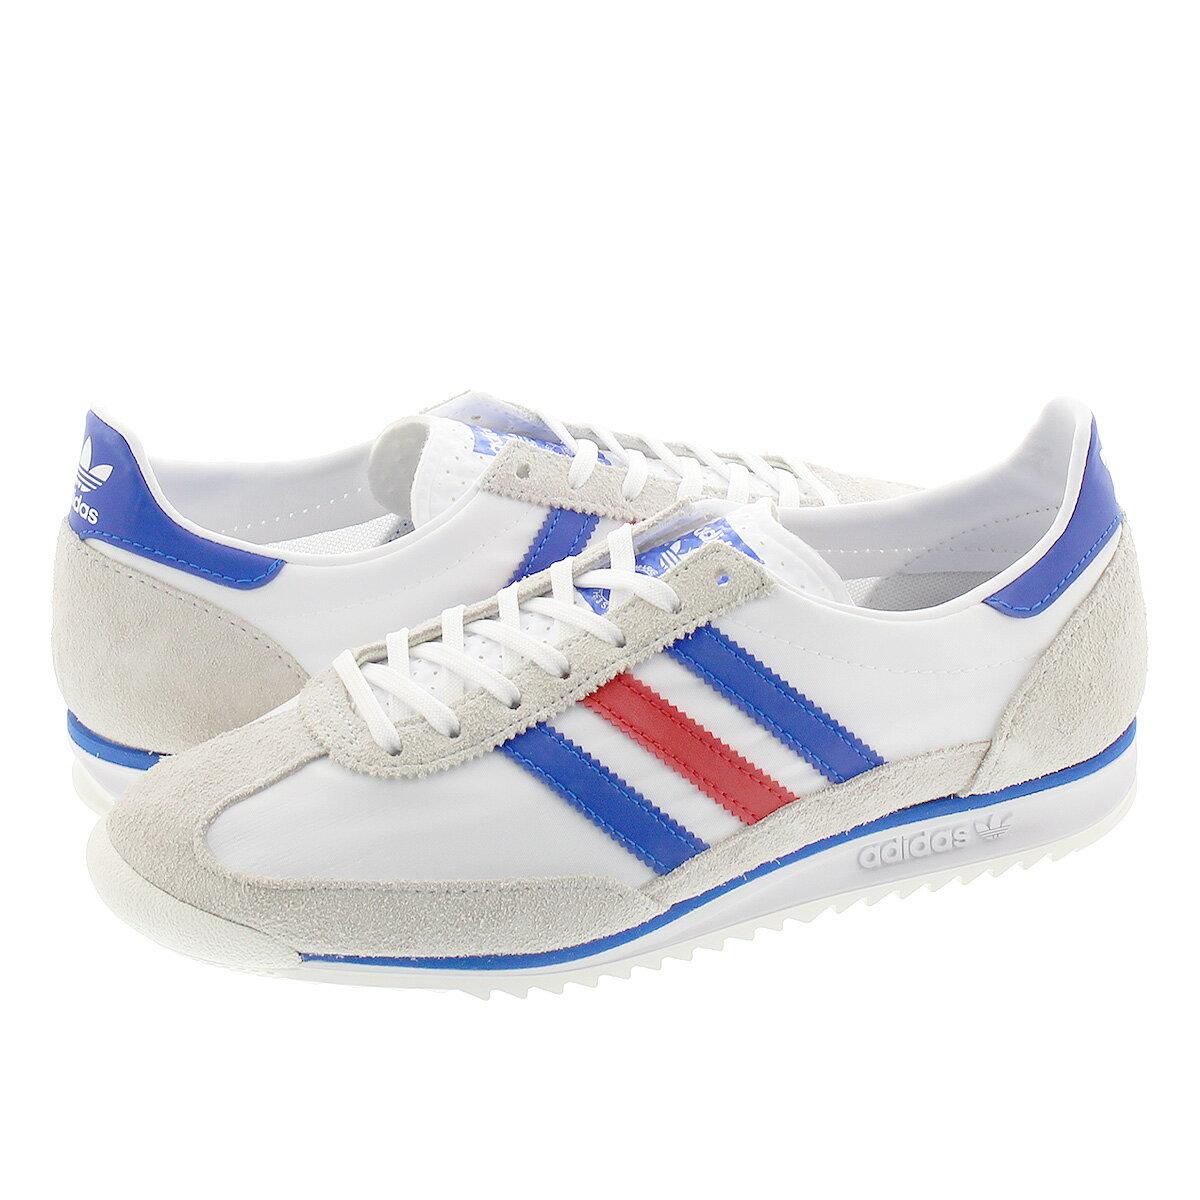 メンズ靴, スニーカー adidas SL 72 72 FTWR WHITEGLORY BLUEGLORY RED fv4430